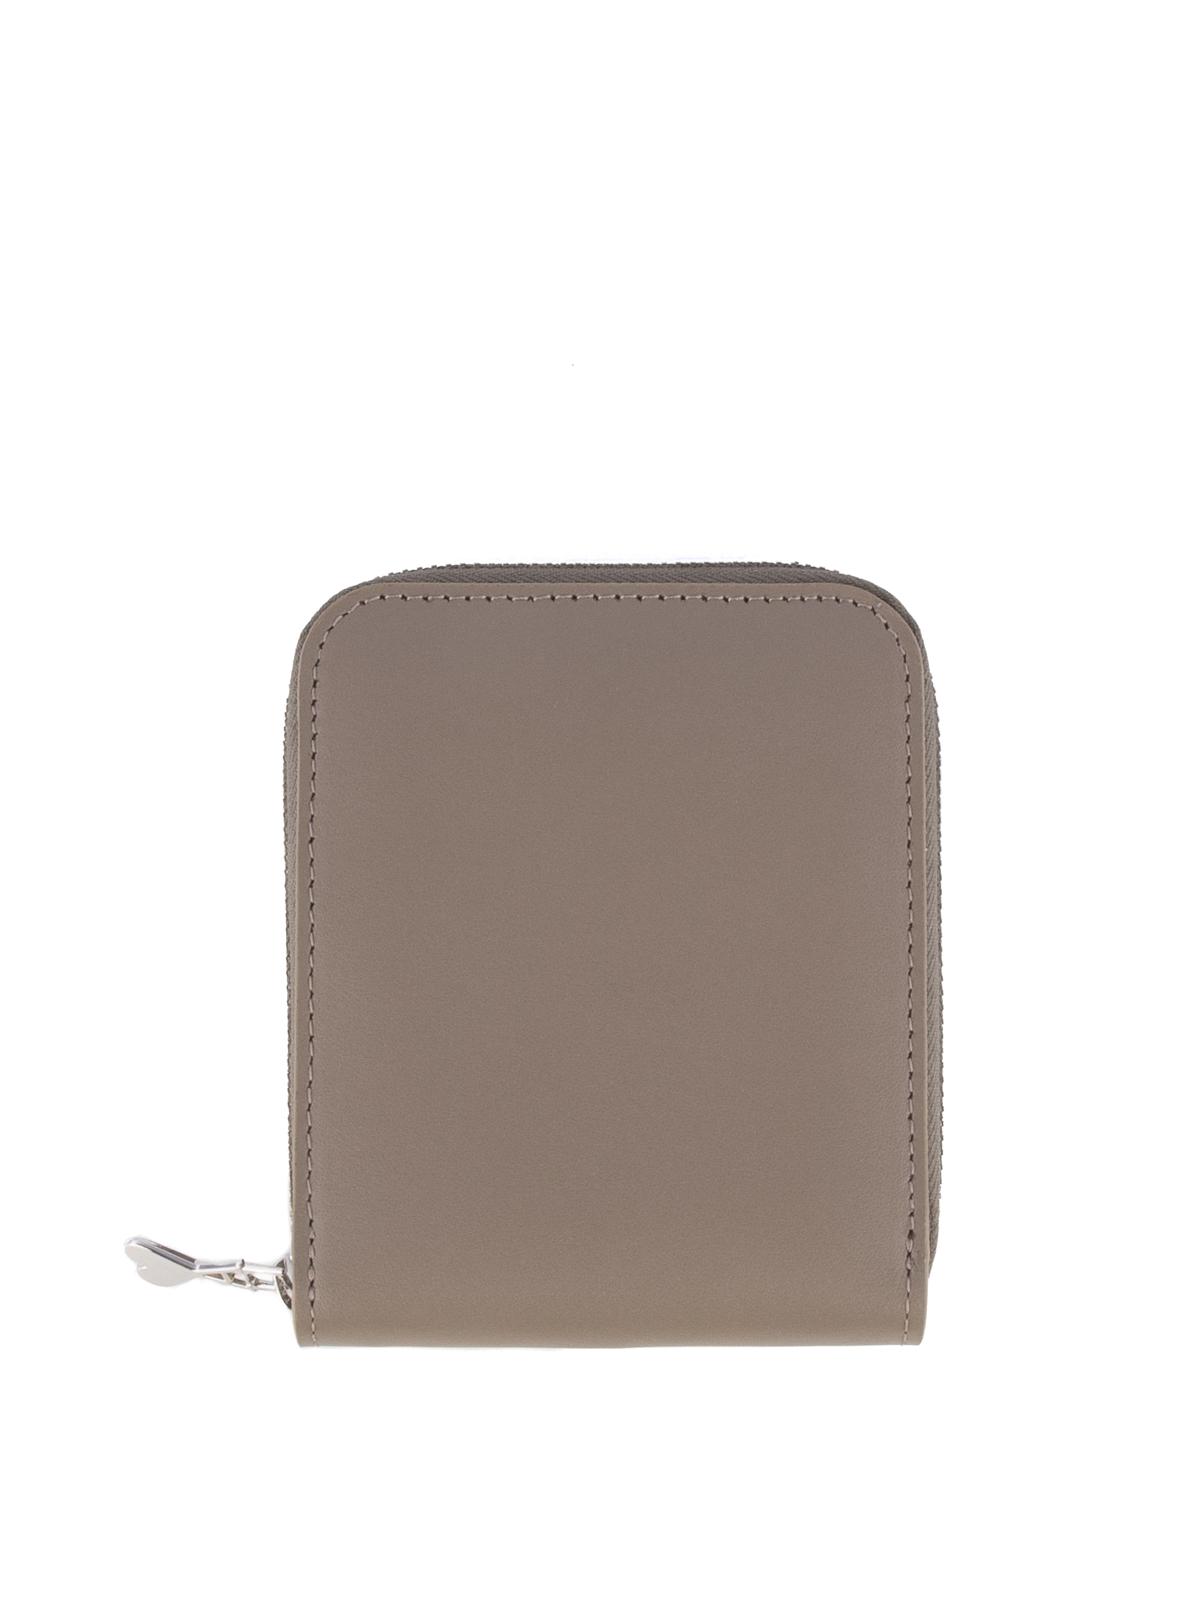 Ami Alexandre Mattiussi Zip Around Leather Wallet In Beige